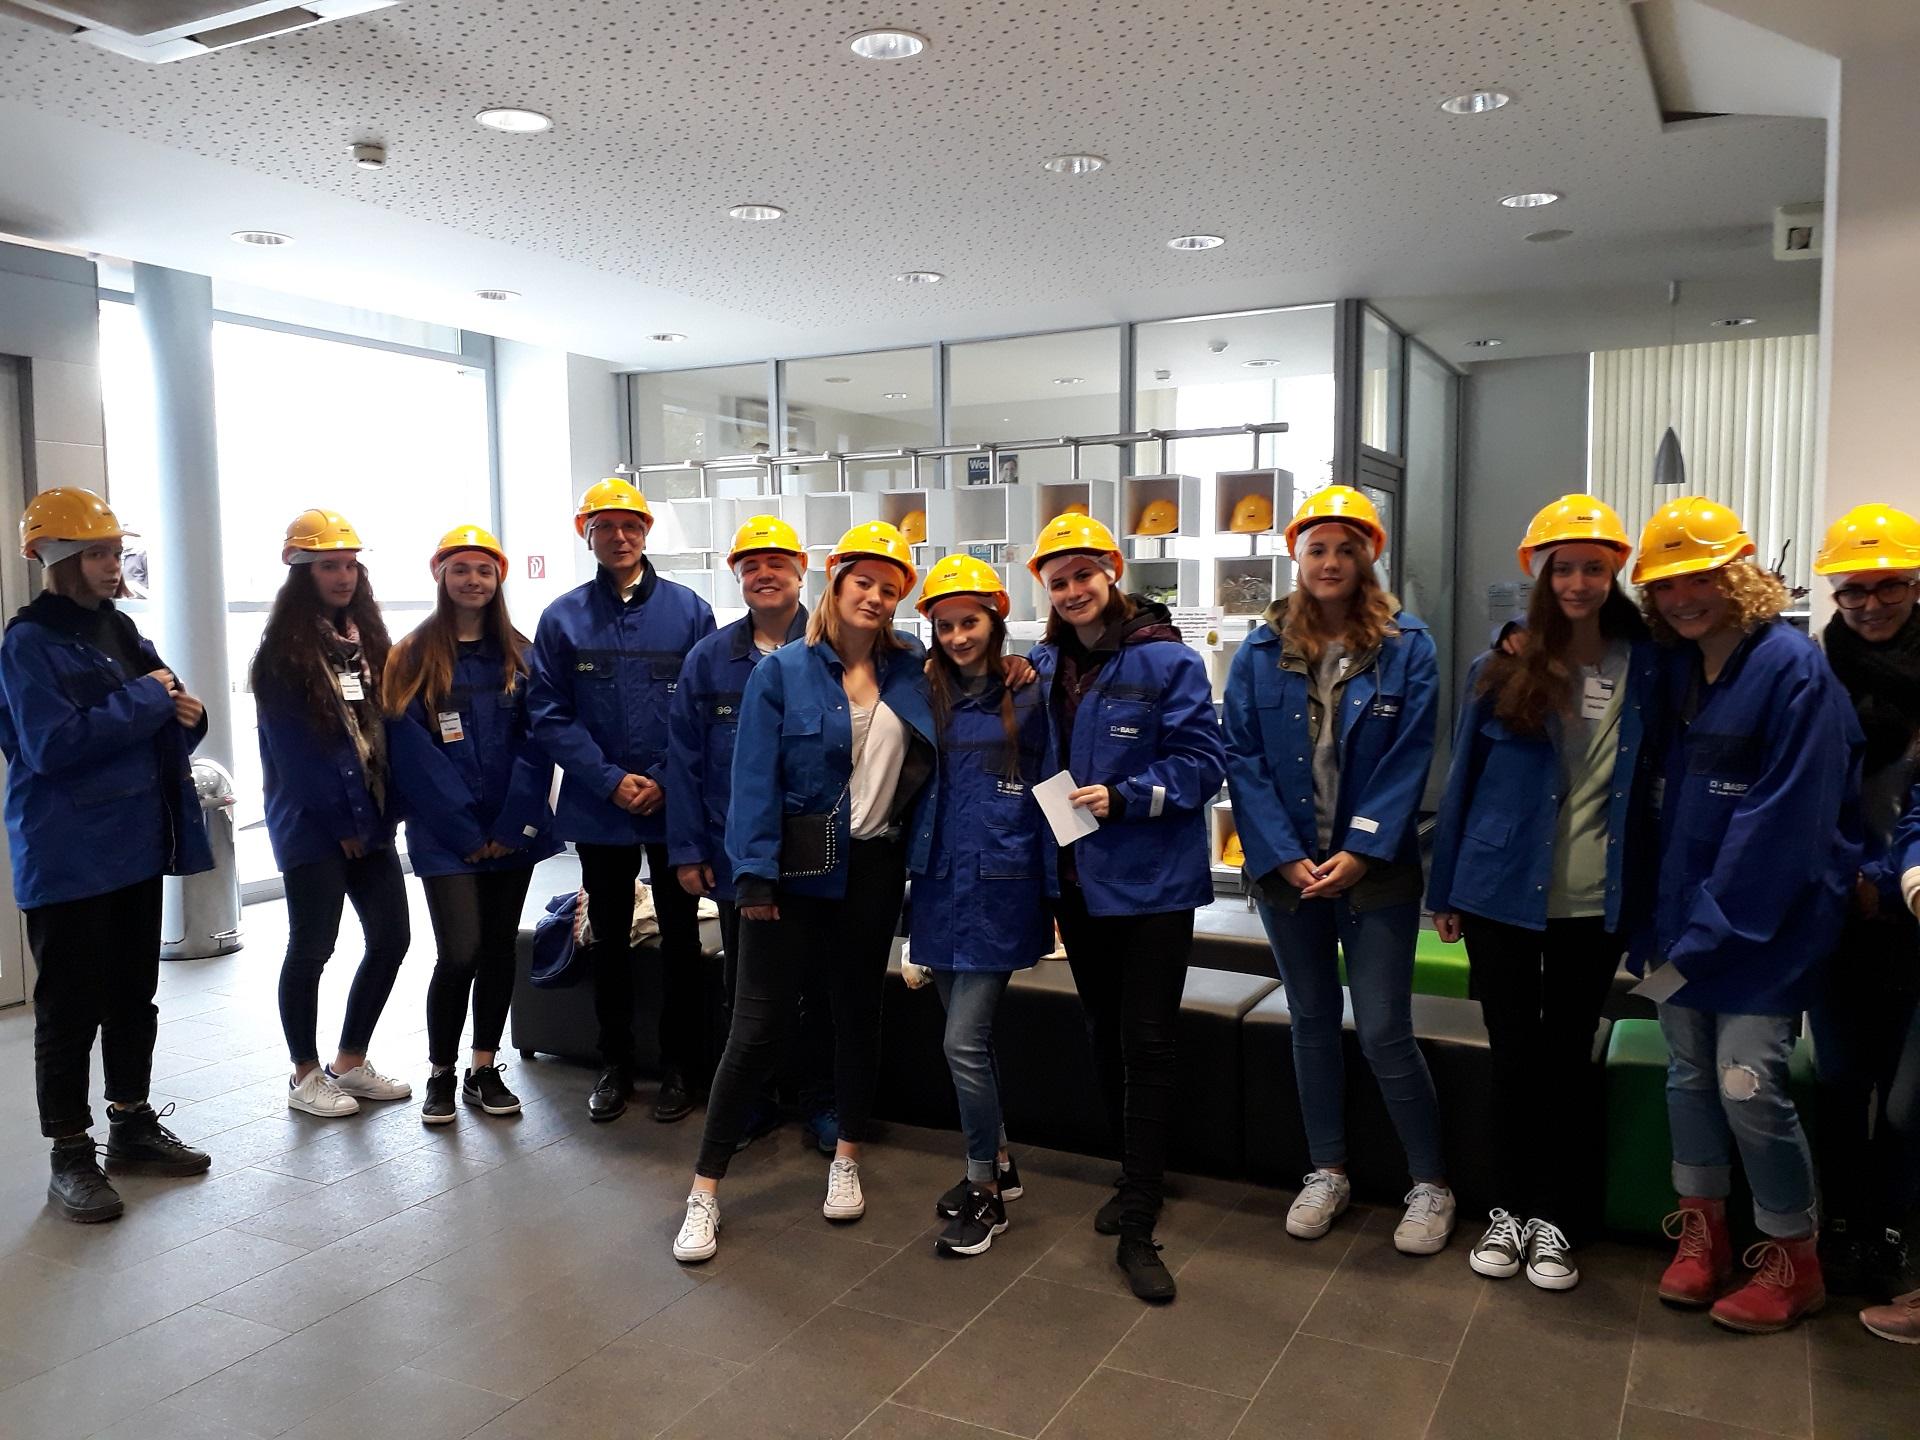 Išvyka į BASF – integruota pamoka netradicinėje erdvėje